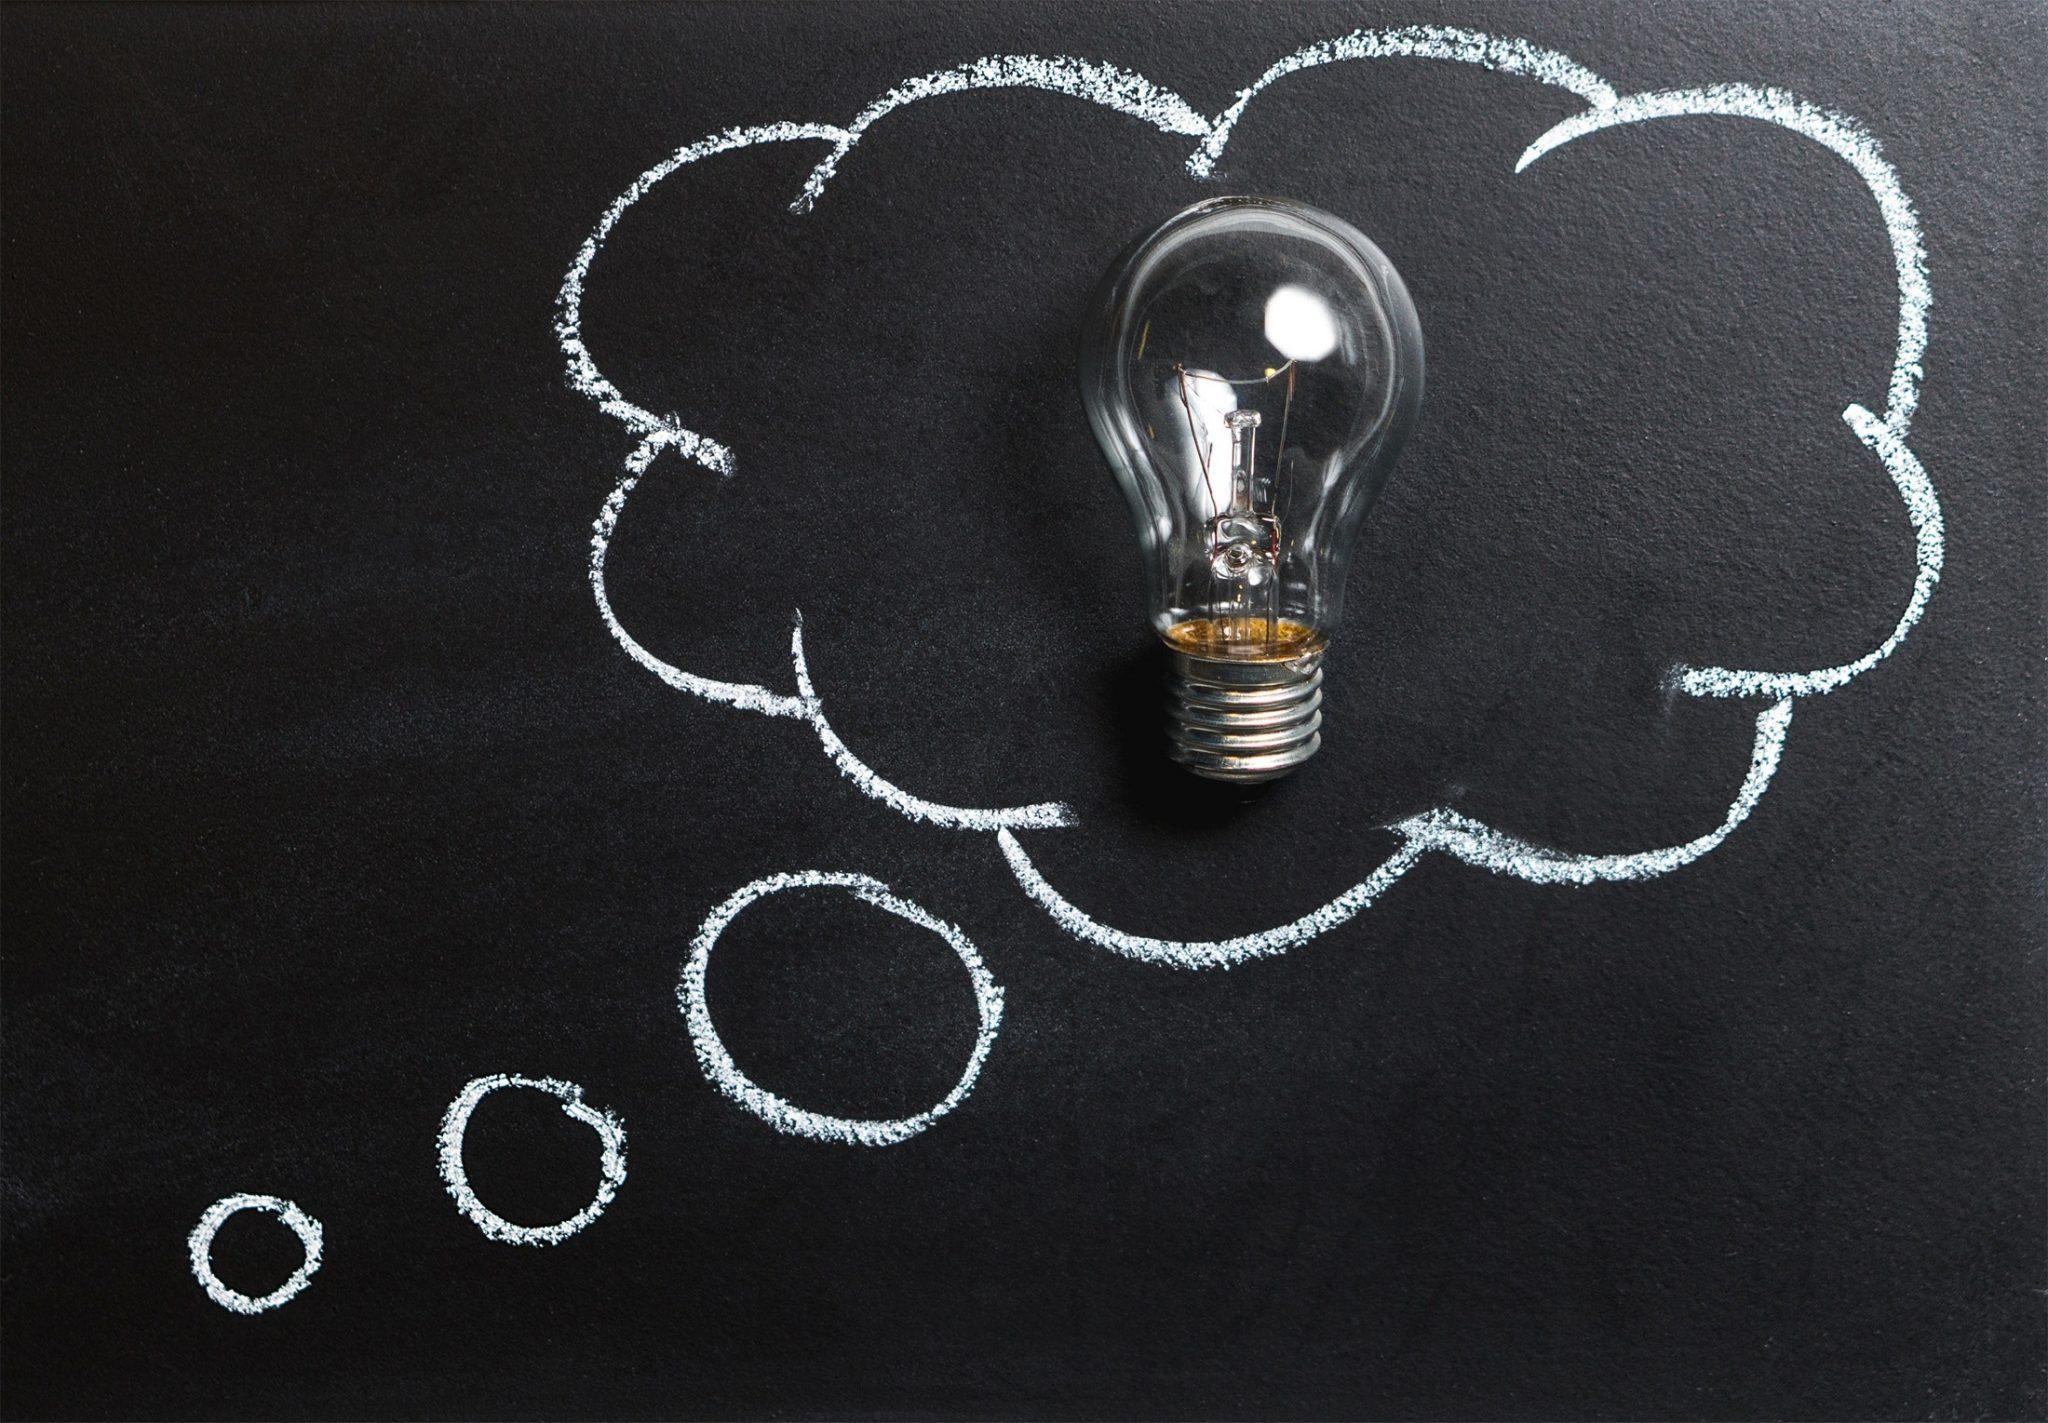 Textkonzept schreiben - Glühbirne als Synonym für zündende Ideen